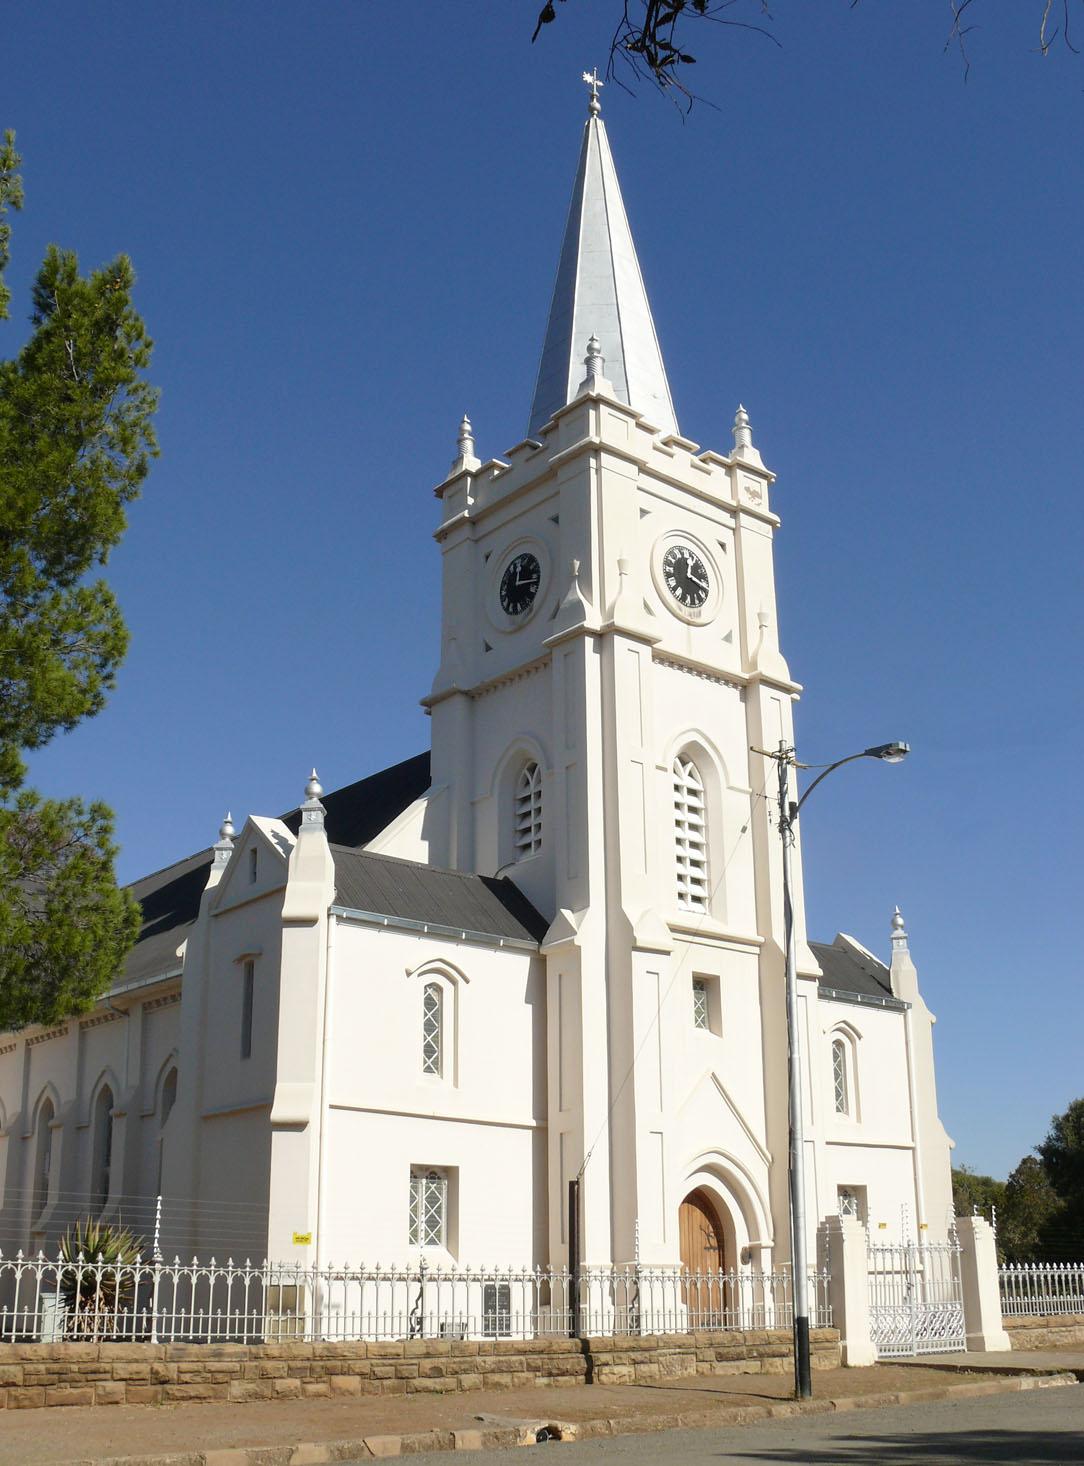 Bethulie South Africa  city images : gebou van die ng gemeente bethulie vrystaat más bethulie se iglesias ...